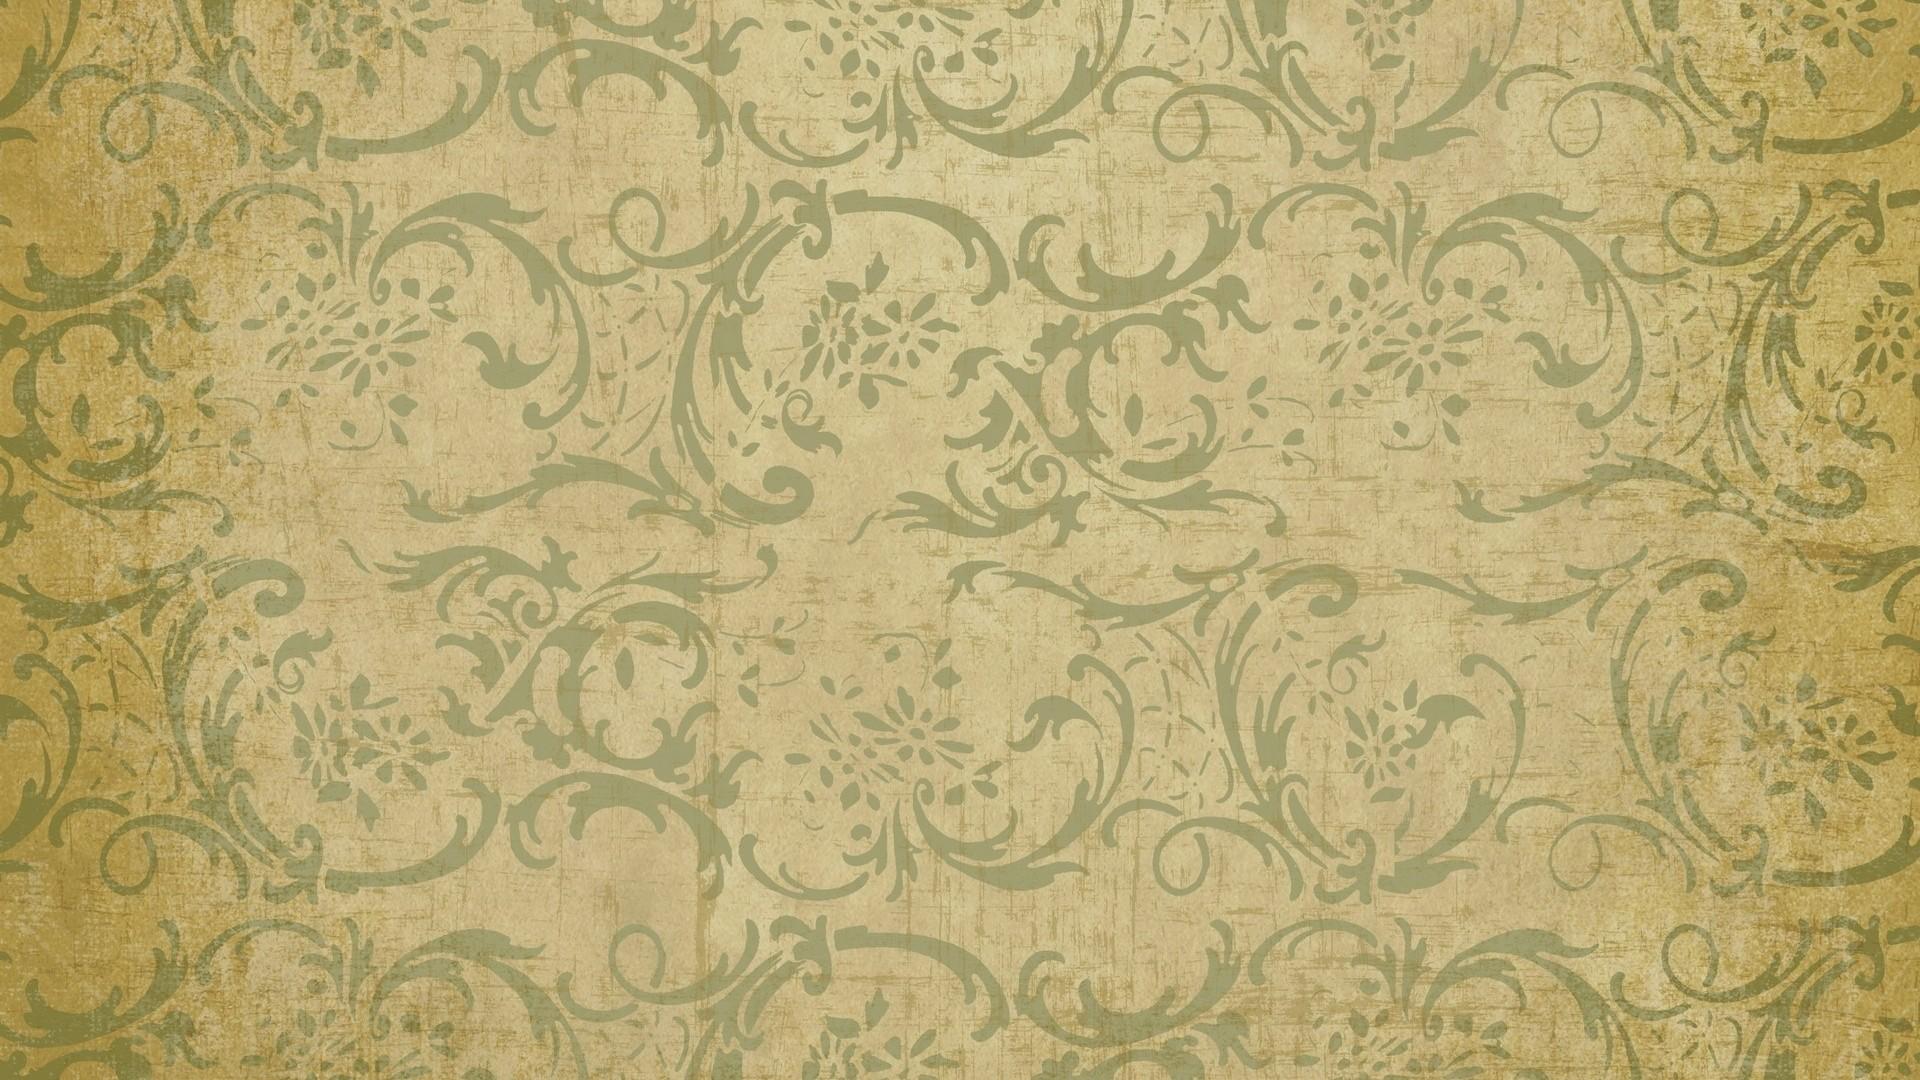 Vintage Flower Textures Hd Wallpaper Wallpaper List 1920x1080